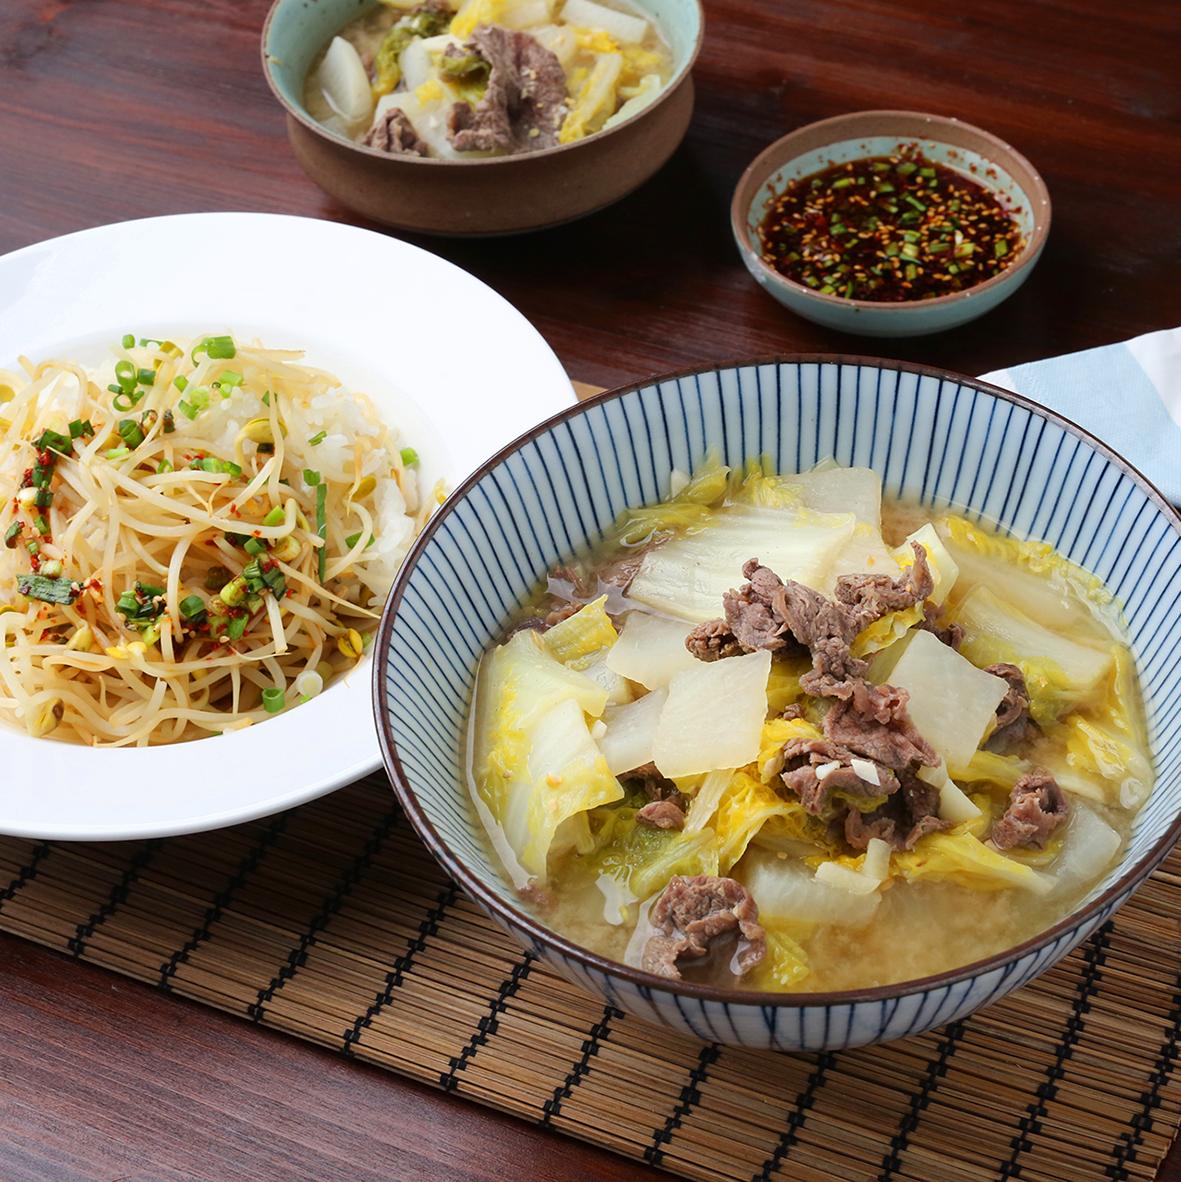 알배추 무 된장국과 콩나물밥